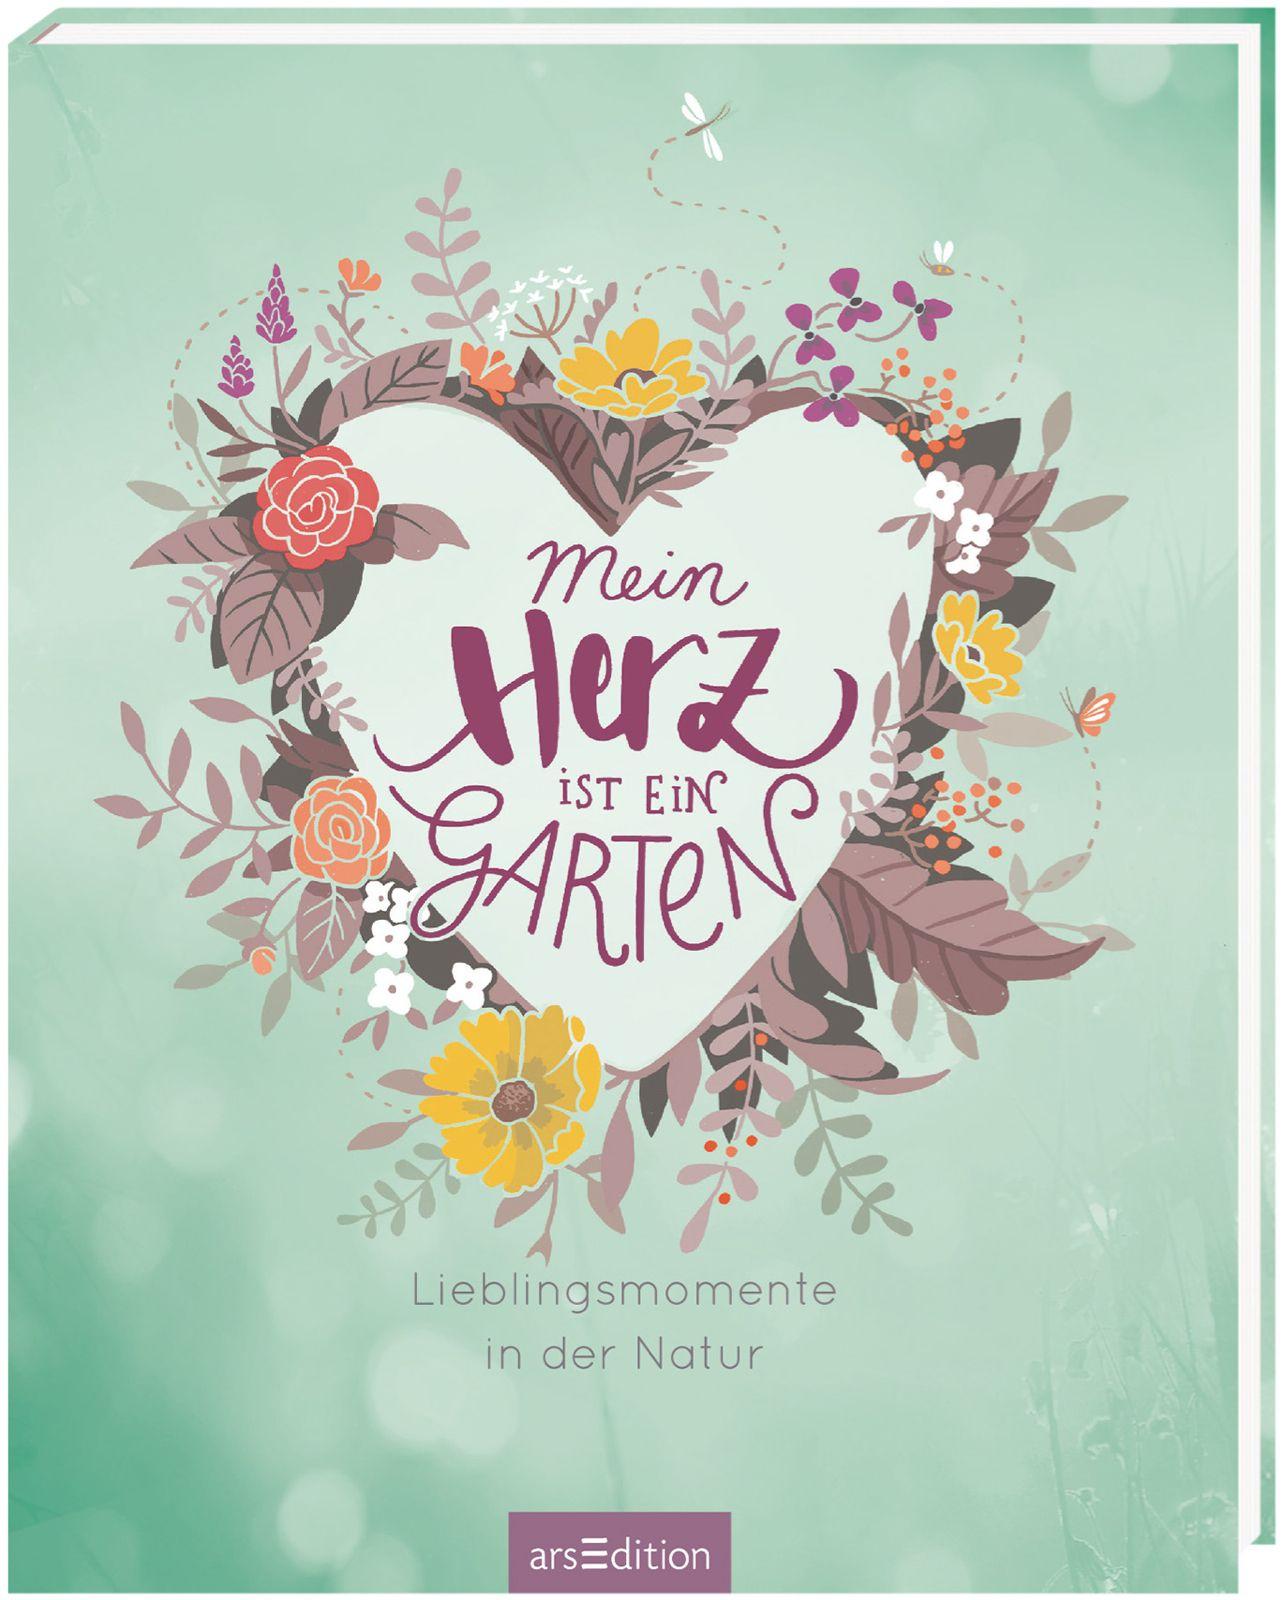 Katharina-Teimer-Mein-Herz-ist-ein-Garten